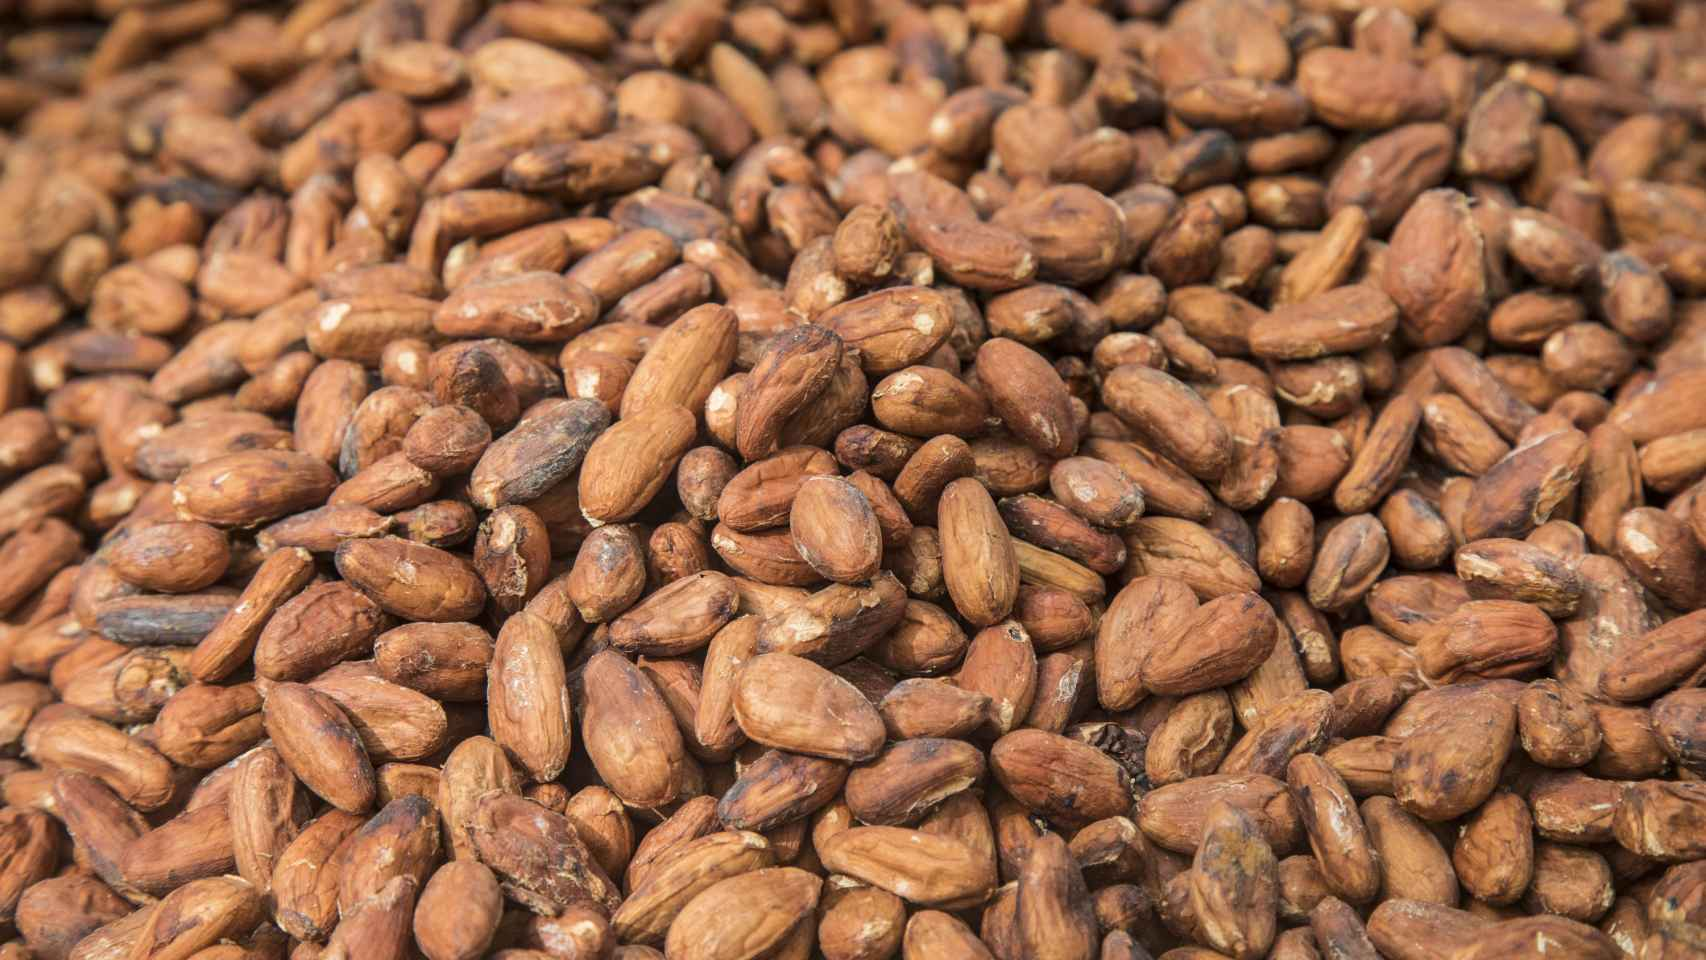 Los olmecas fueron los primeros que domesticaron y utilizaron la semilla de cacao hace más de 3.000 años